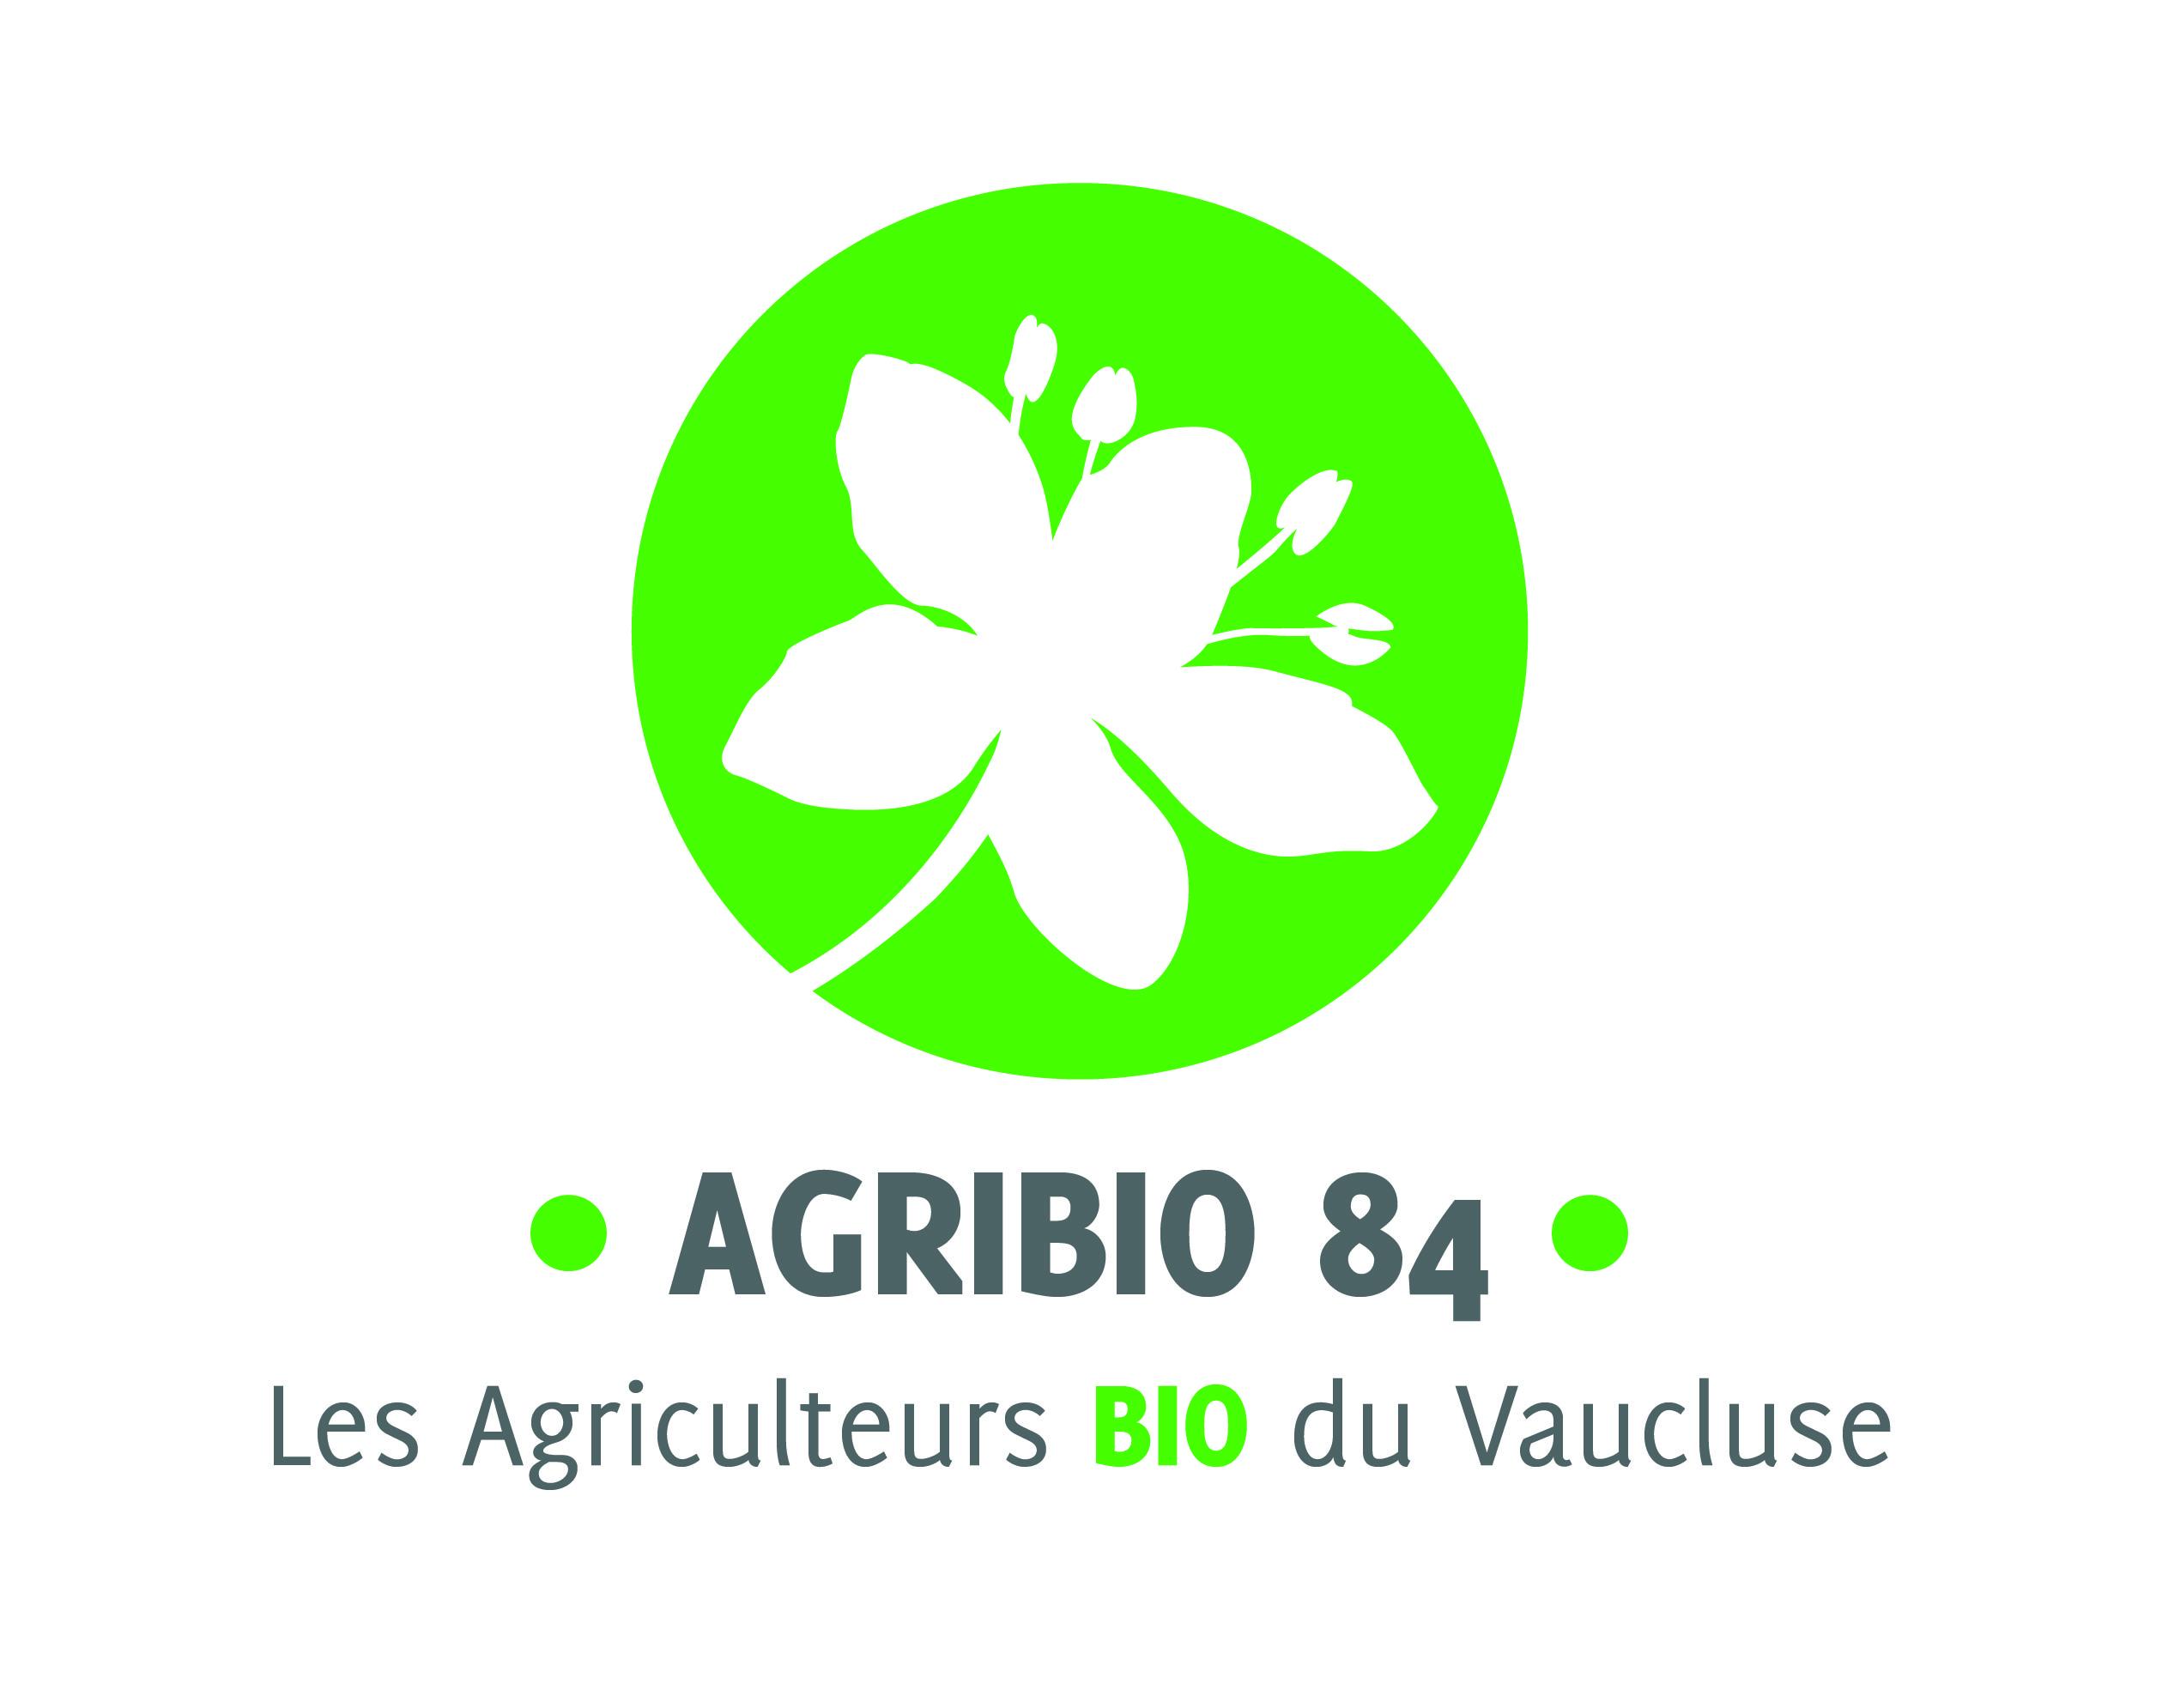 Agribio Vaucluse - Civam bio du Vaucluse